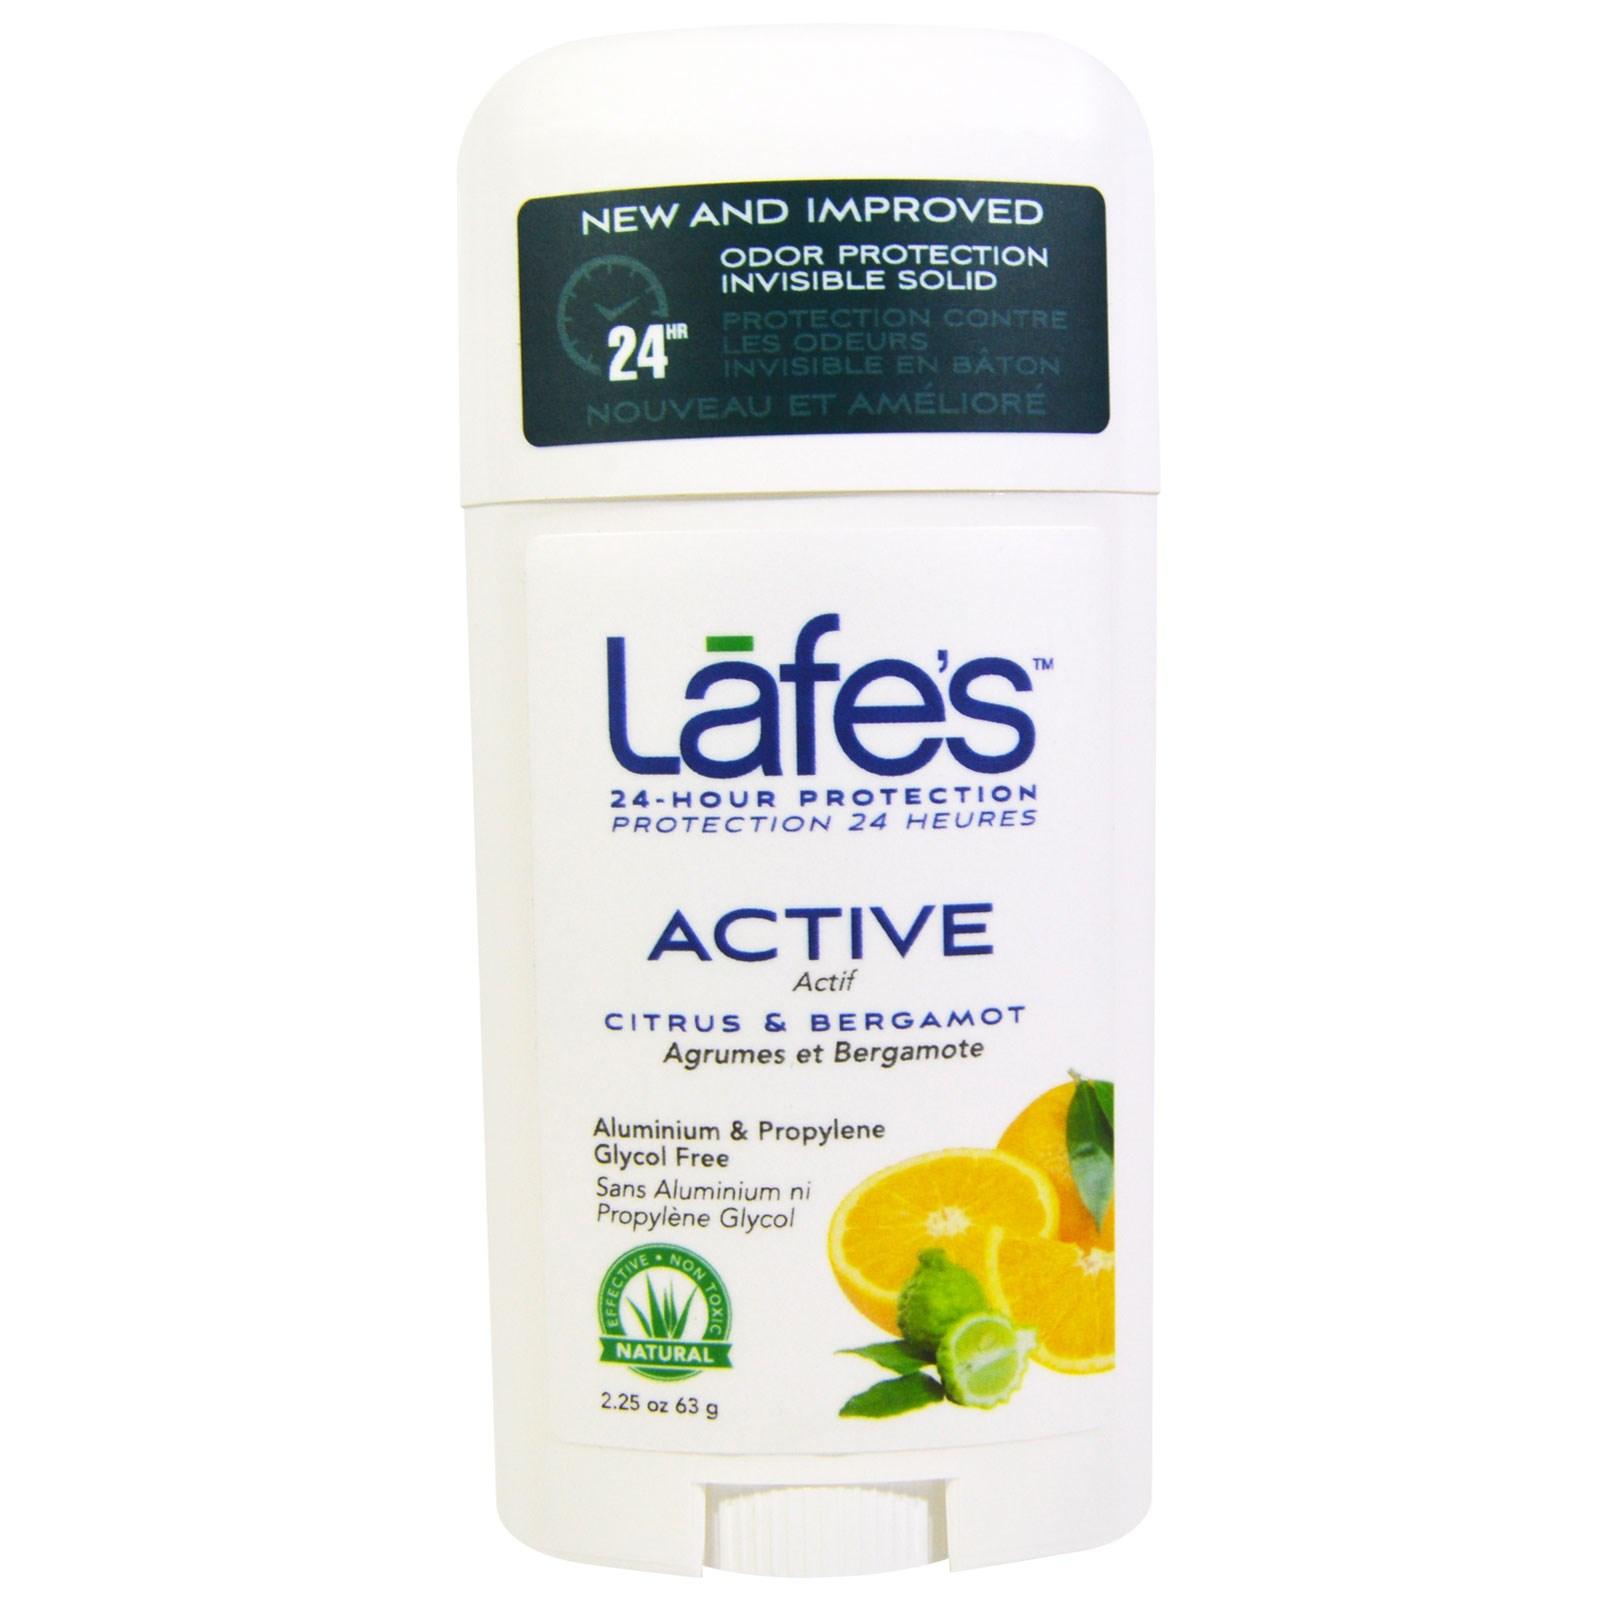 Lafe's Natural Body Care, Твердый дезодорант, активная невидимая защита от запаха, цитрус и бергамот, 63 г